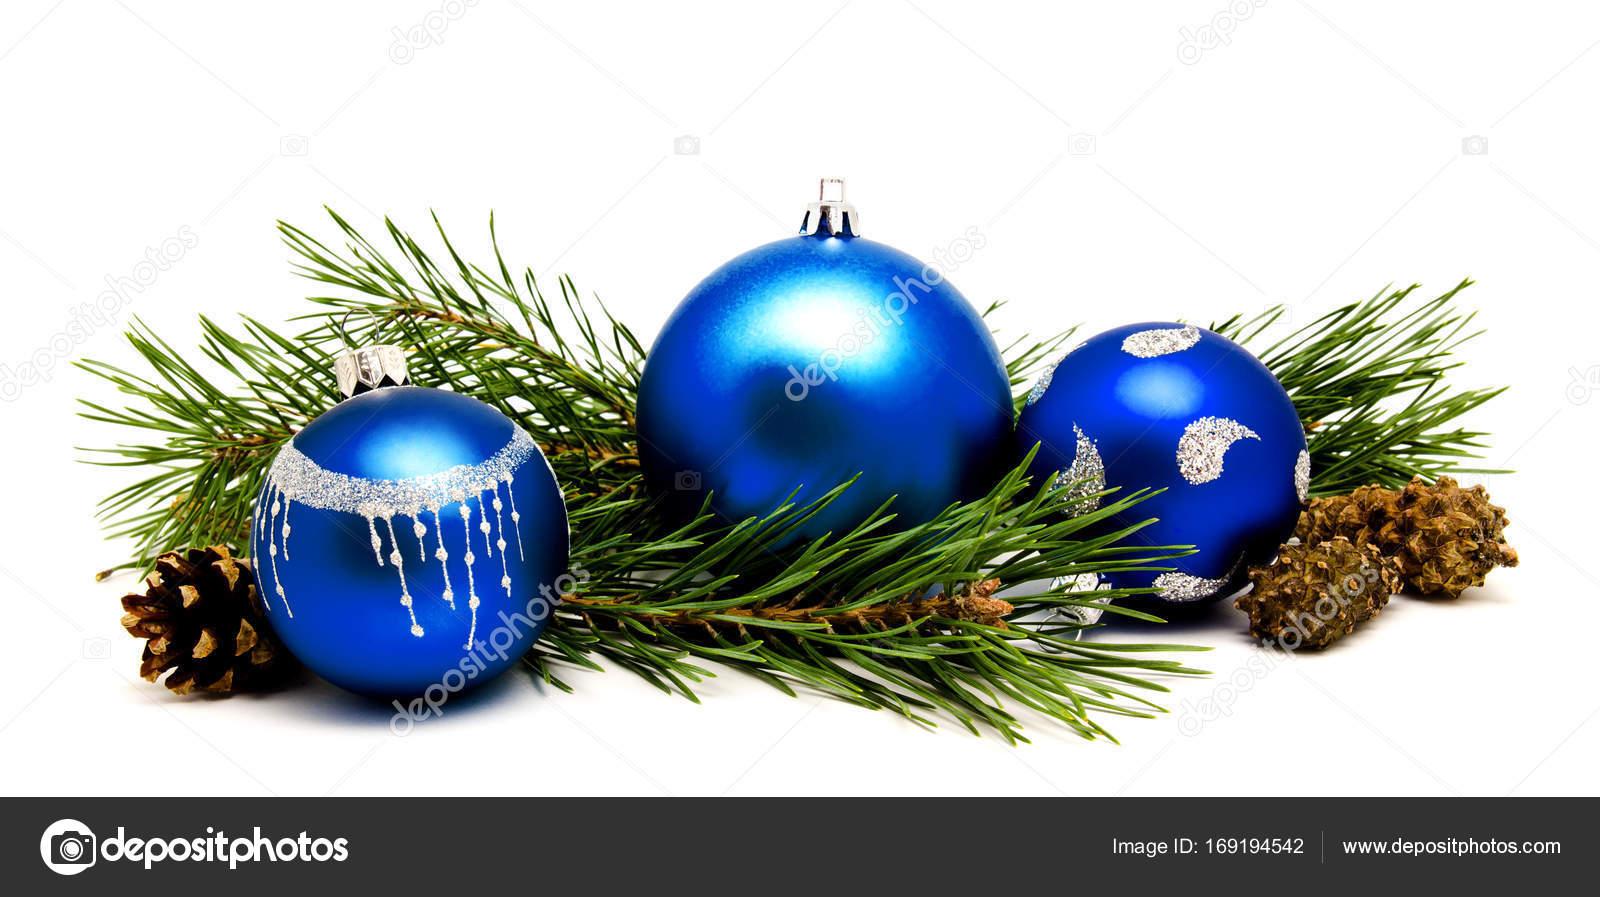 Boules De Noel Decoration Bleu Avec Cones De Sapin Photographie